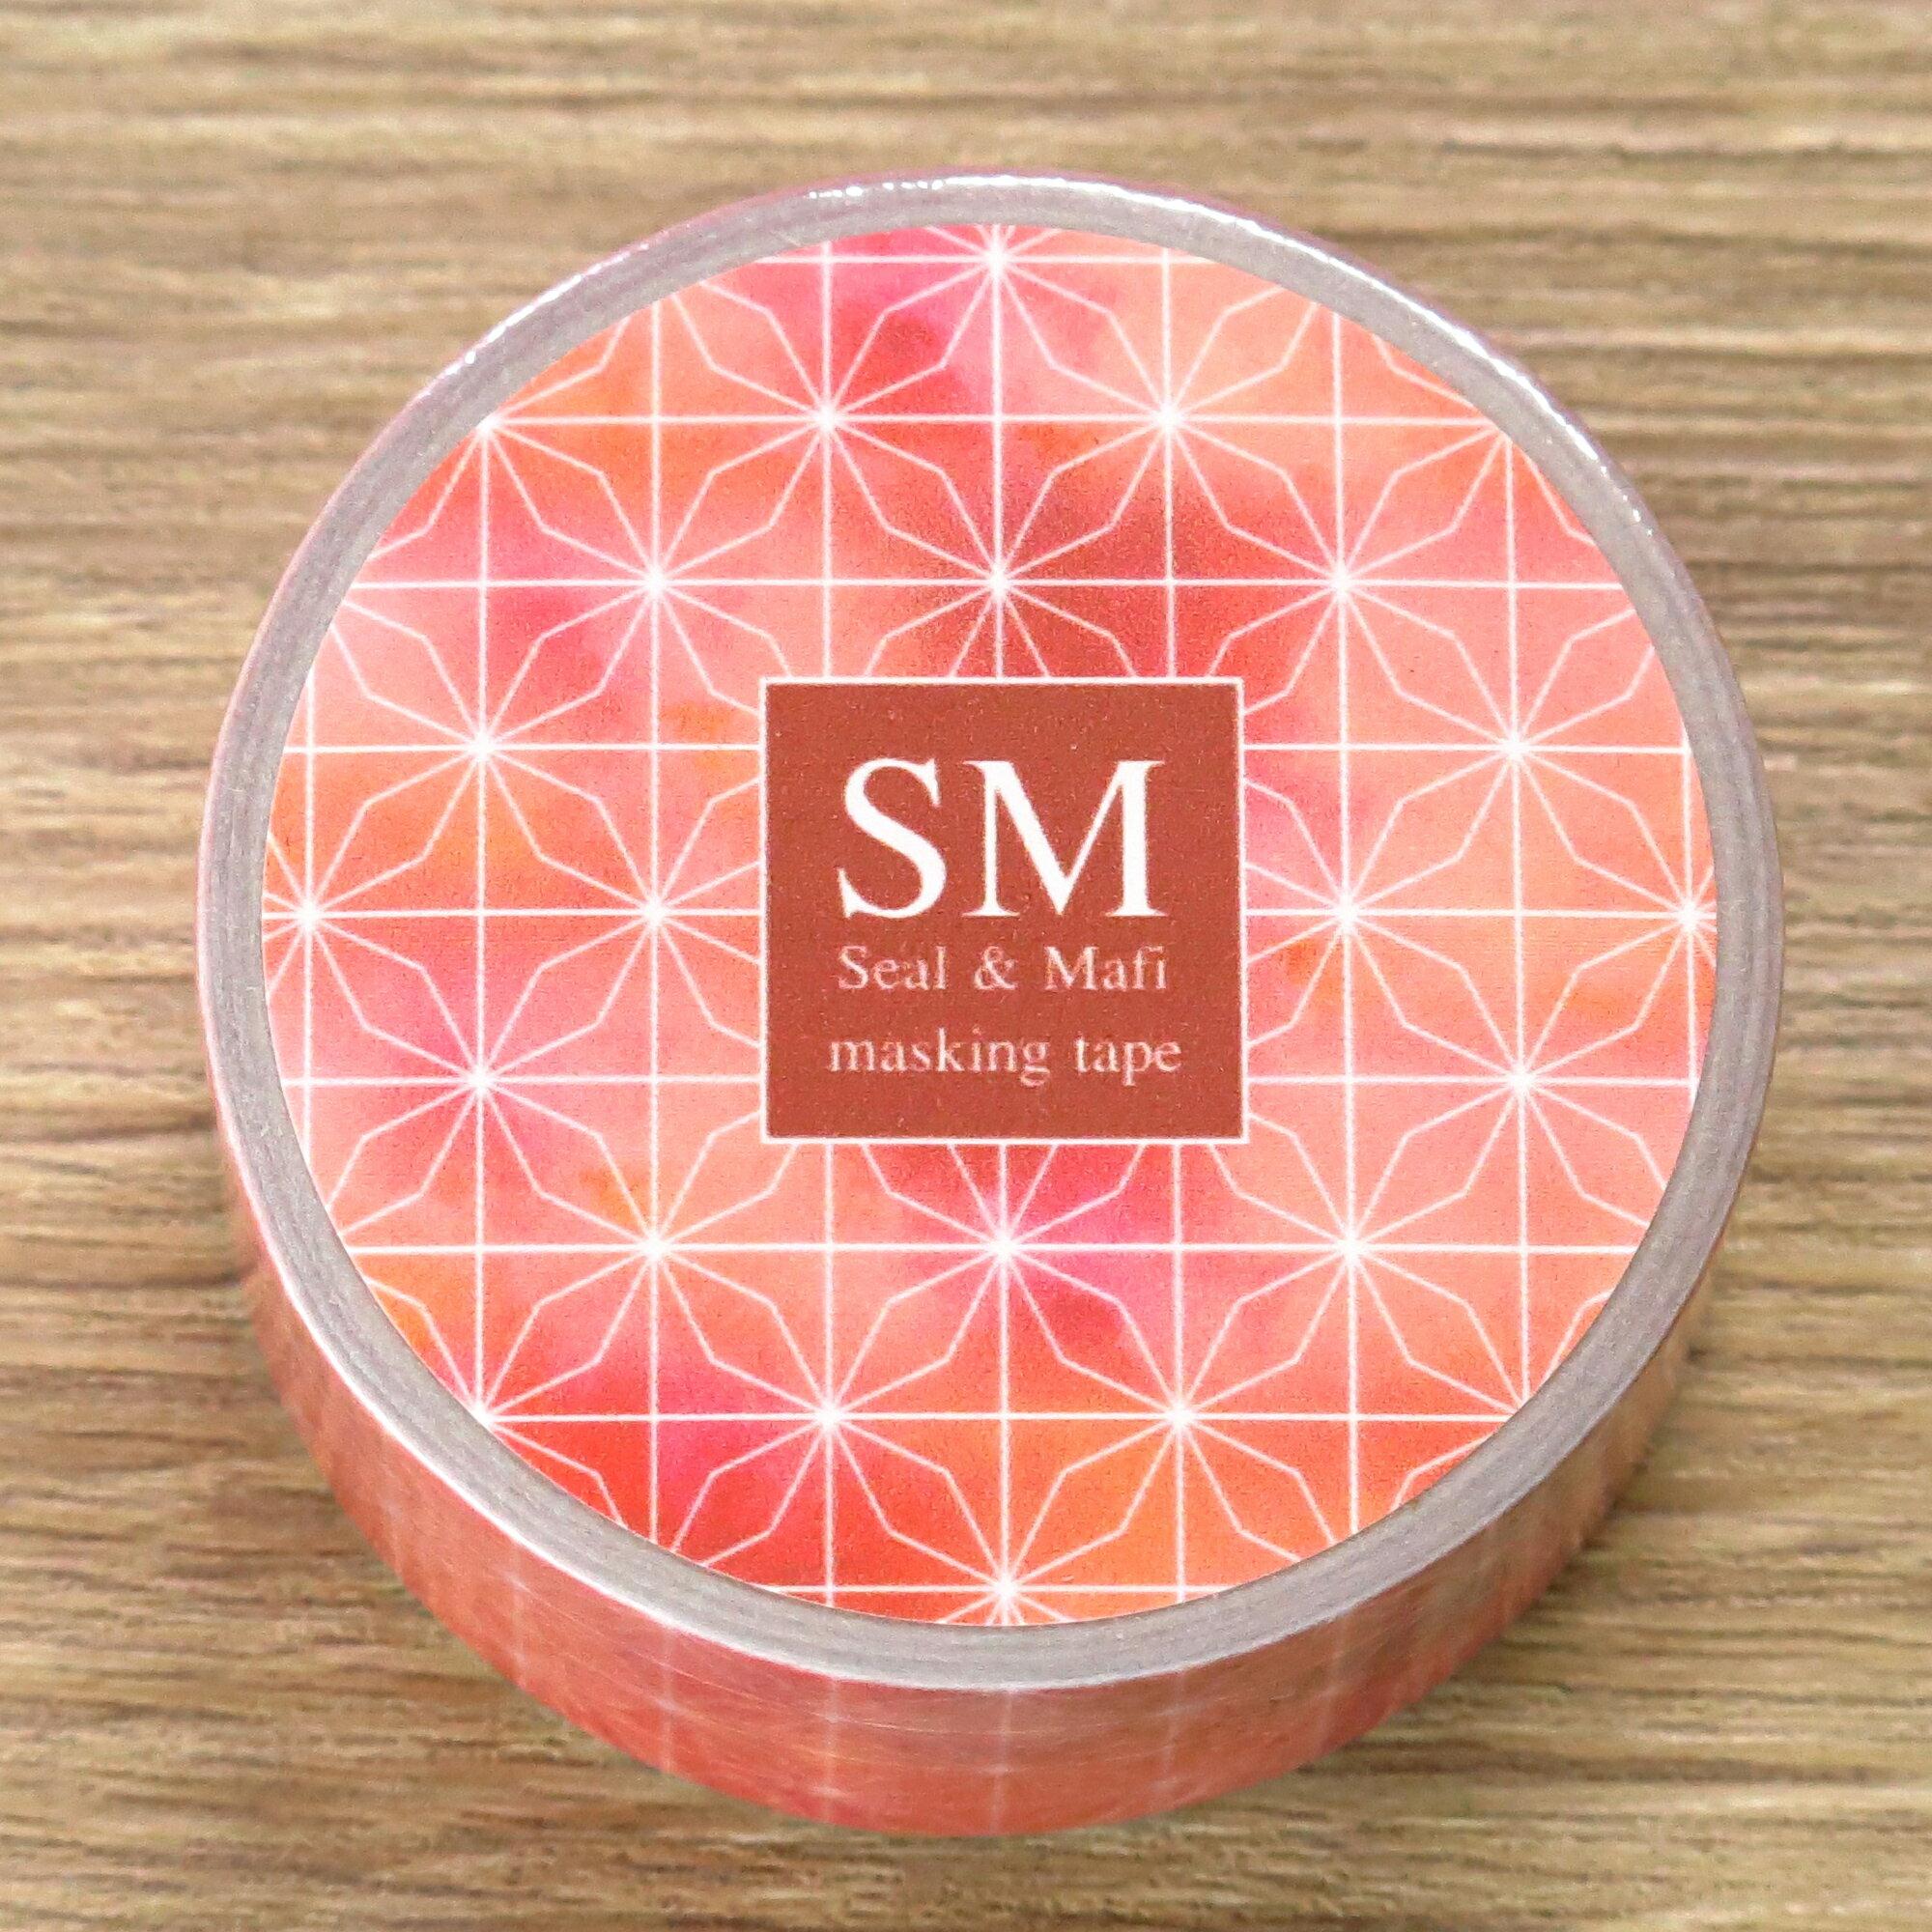 【SM工房】窗花系列紙膠帶 - 繽紛款(草莓紅)